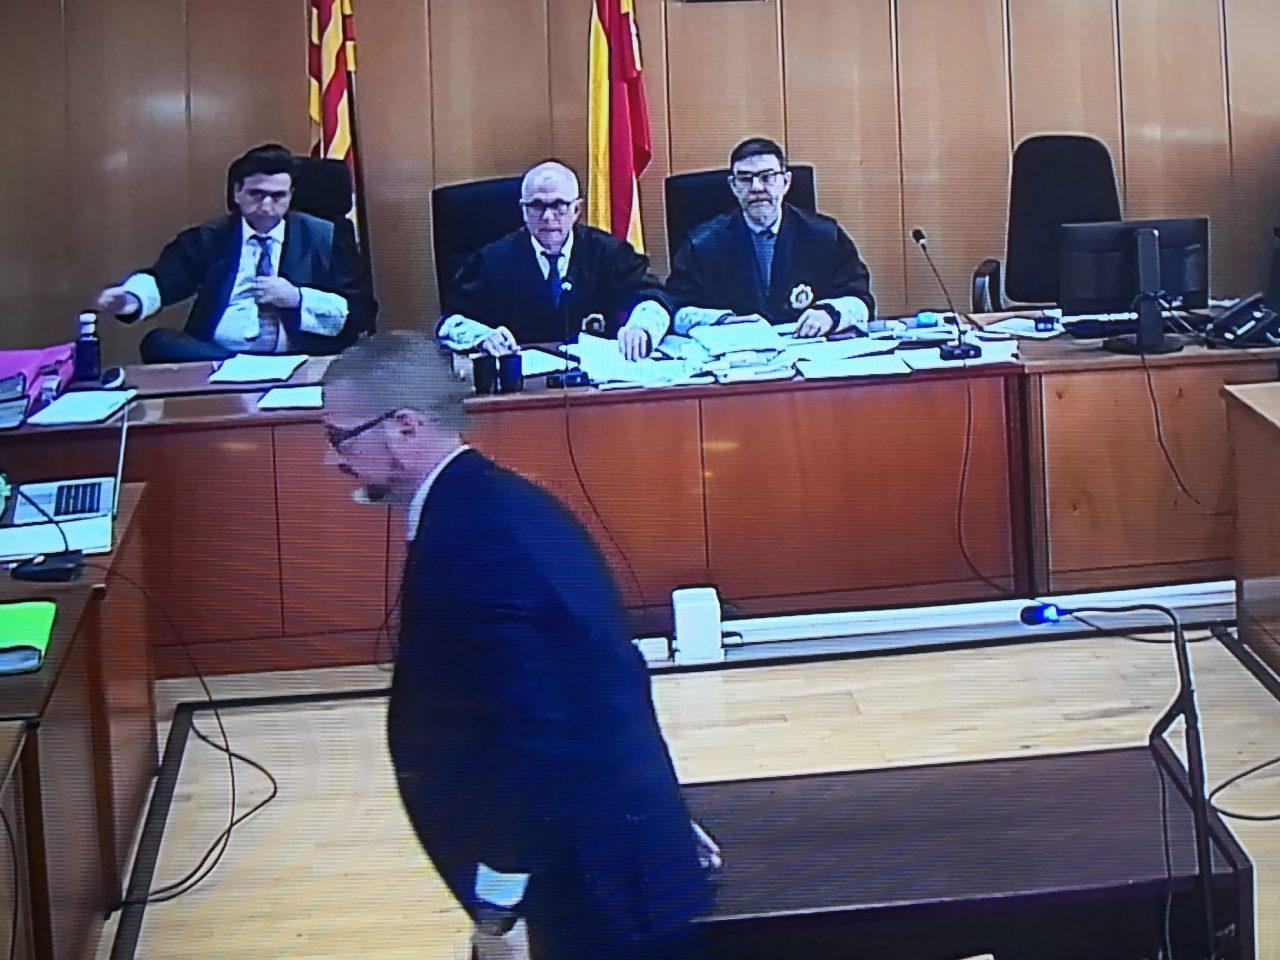 judici7-1280x960.jpg